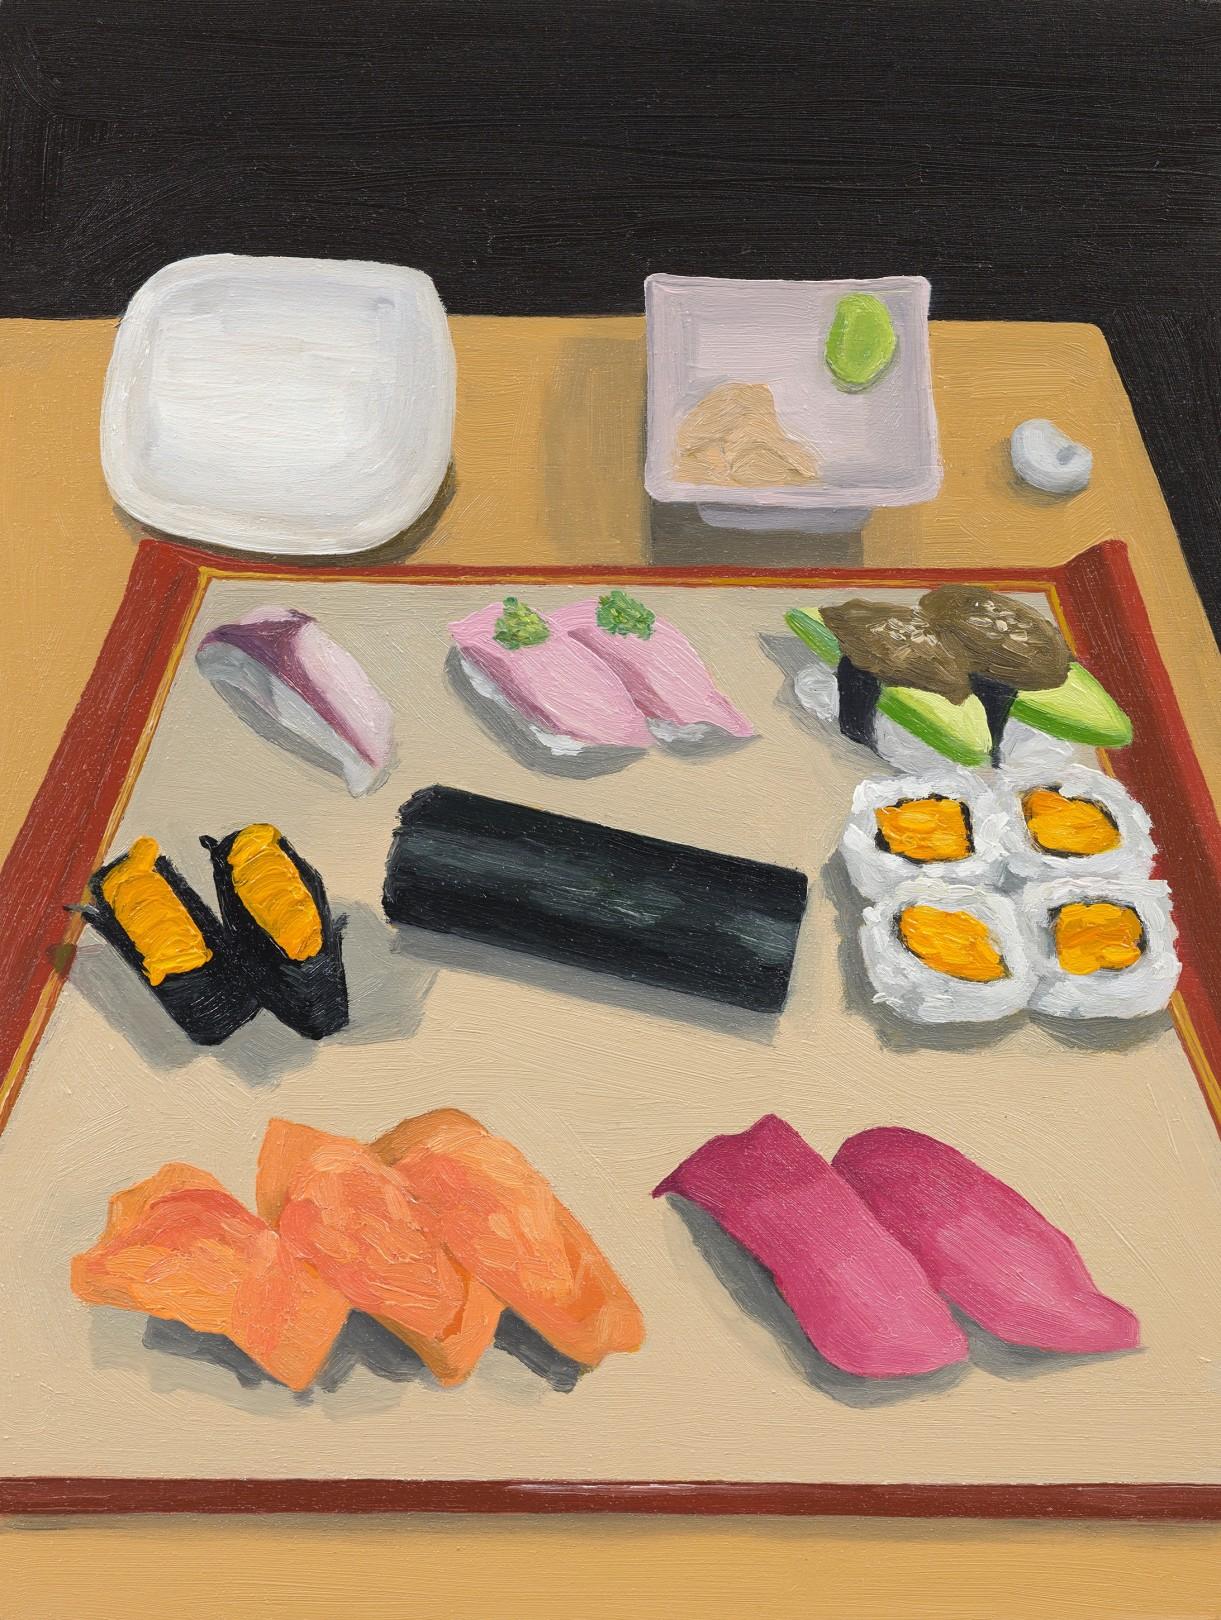 Sushi Platter, 2021 Oil on panel, 20.5 x 15.5 cm / 8 x 6 in.